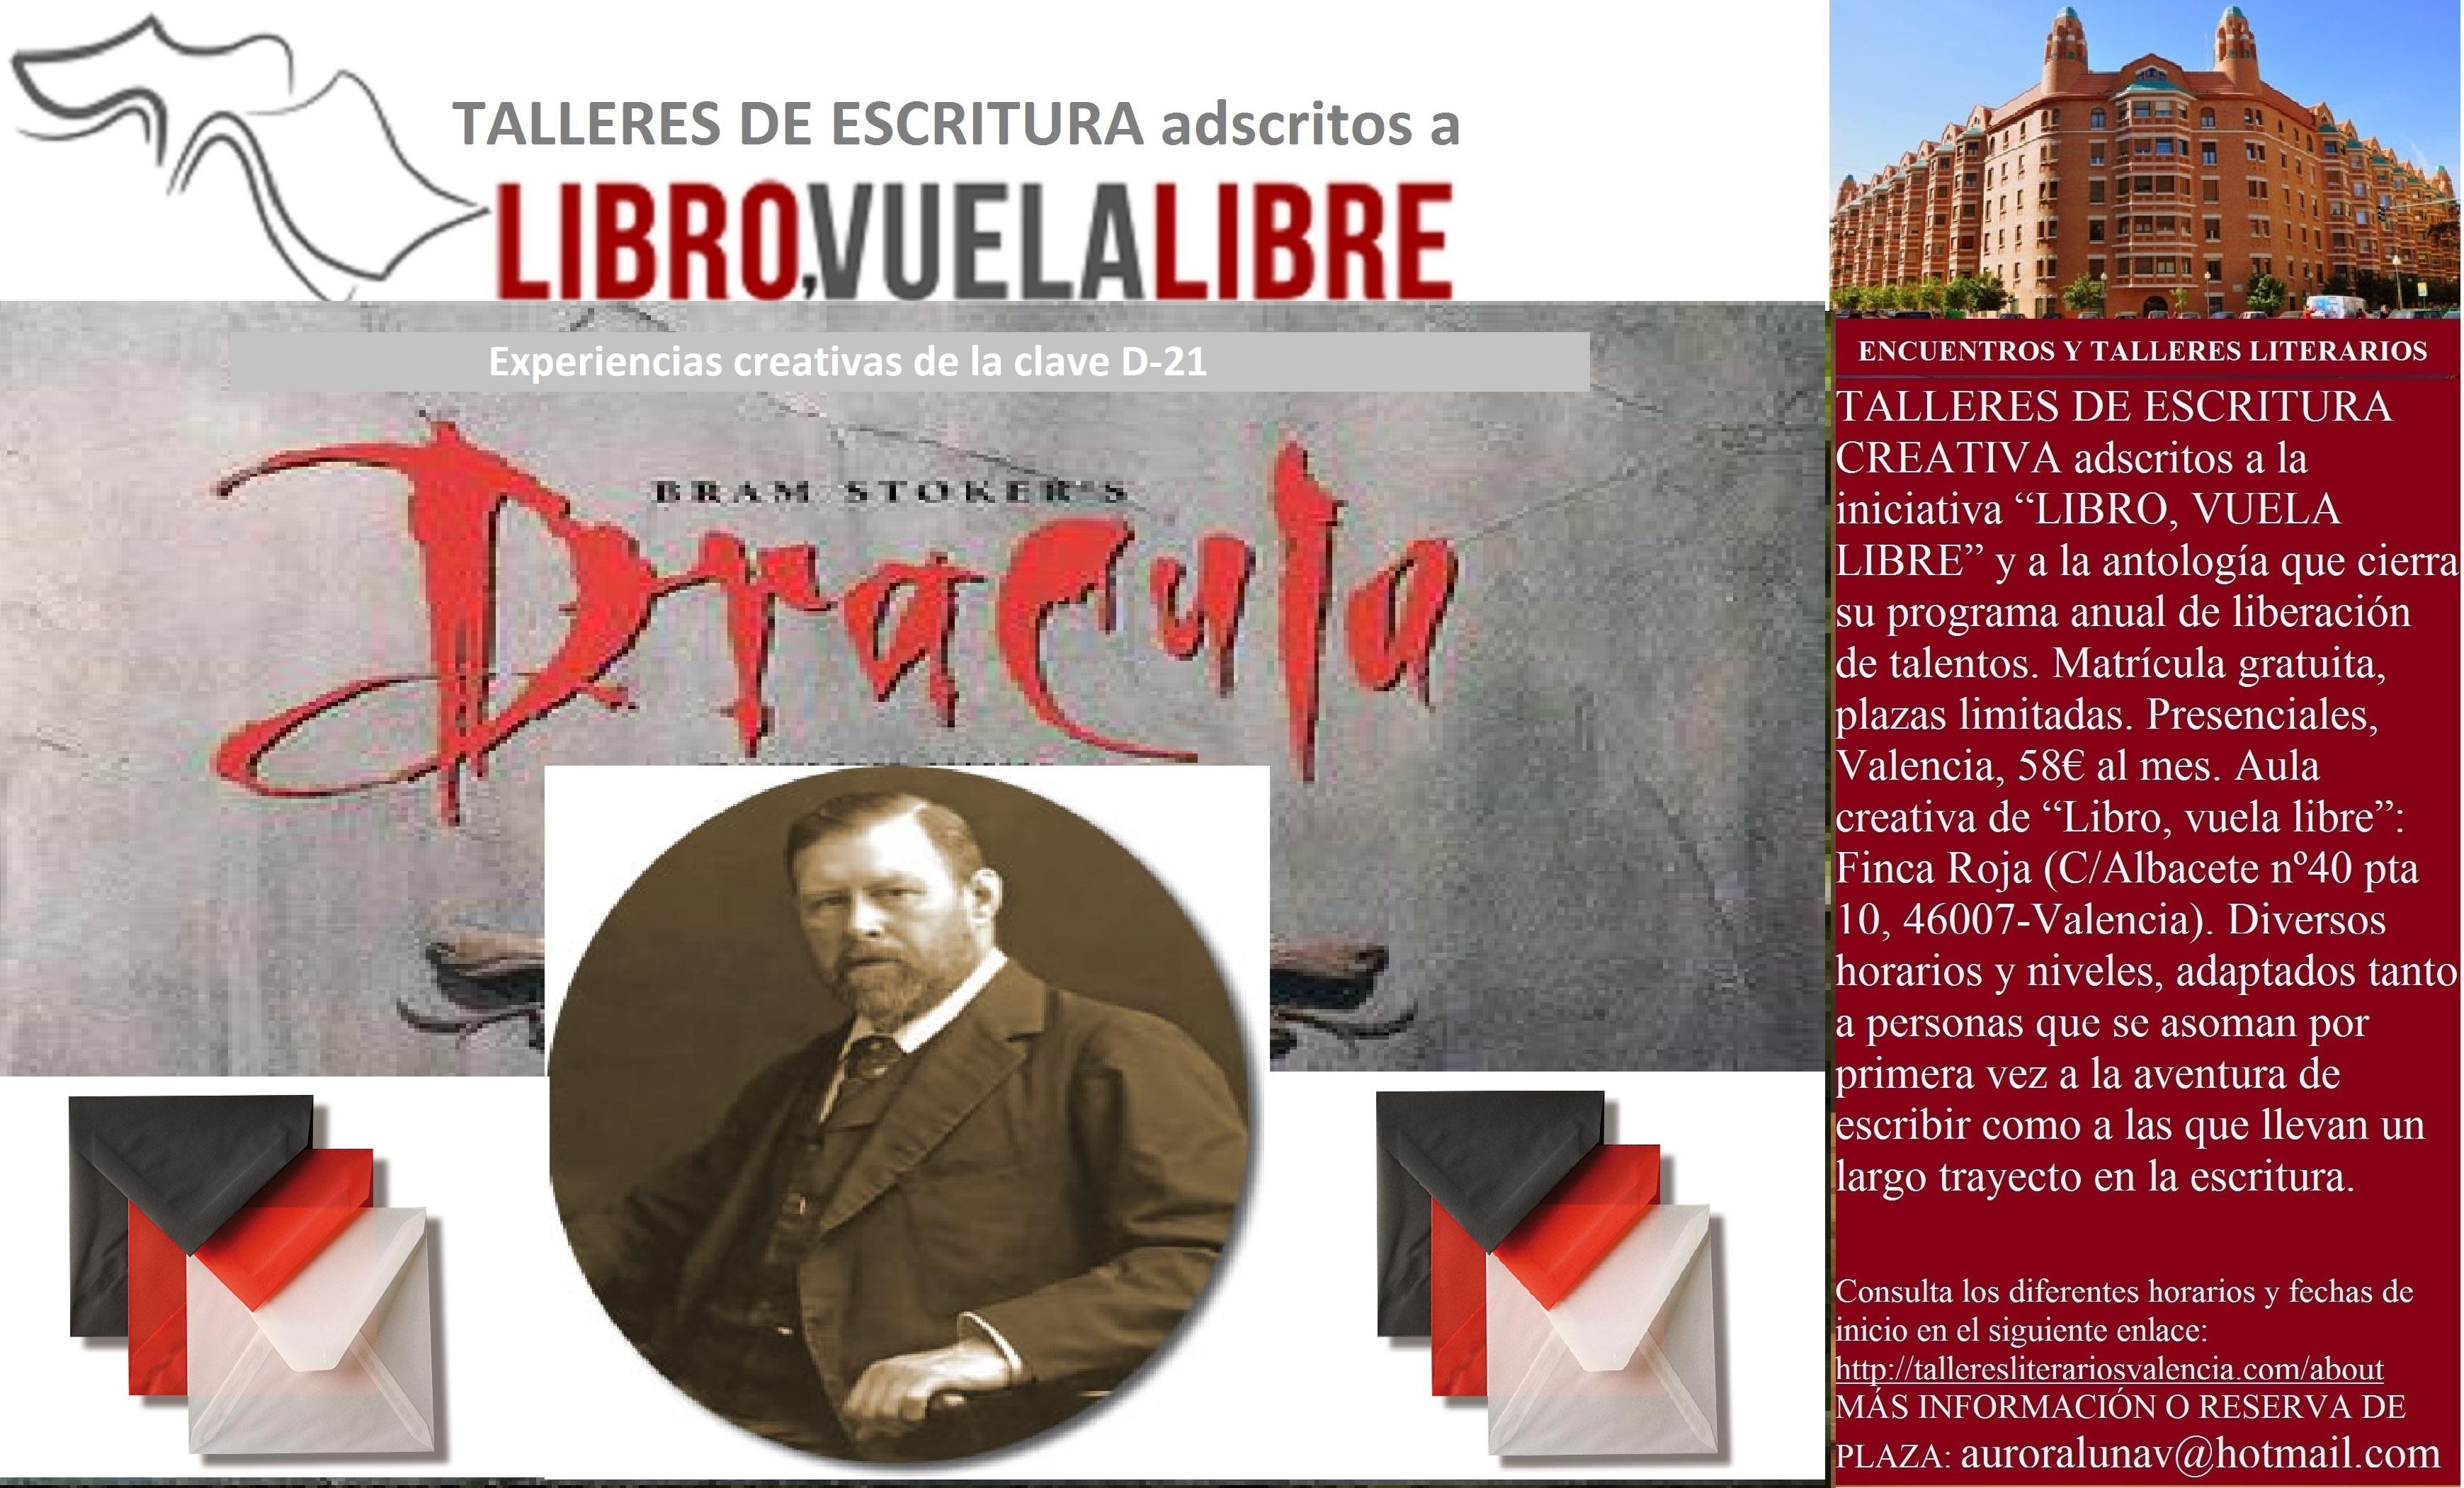 Taller de escritura en curso: TRIBUTOS LITERARIOS A BRAM STOCKER